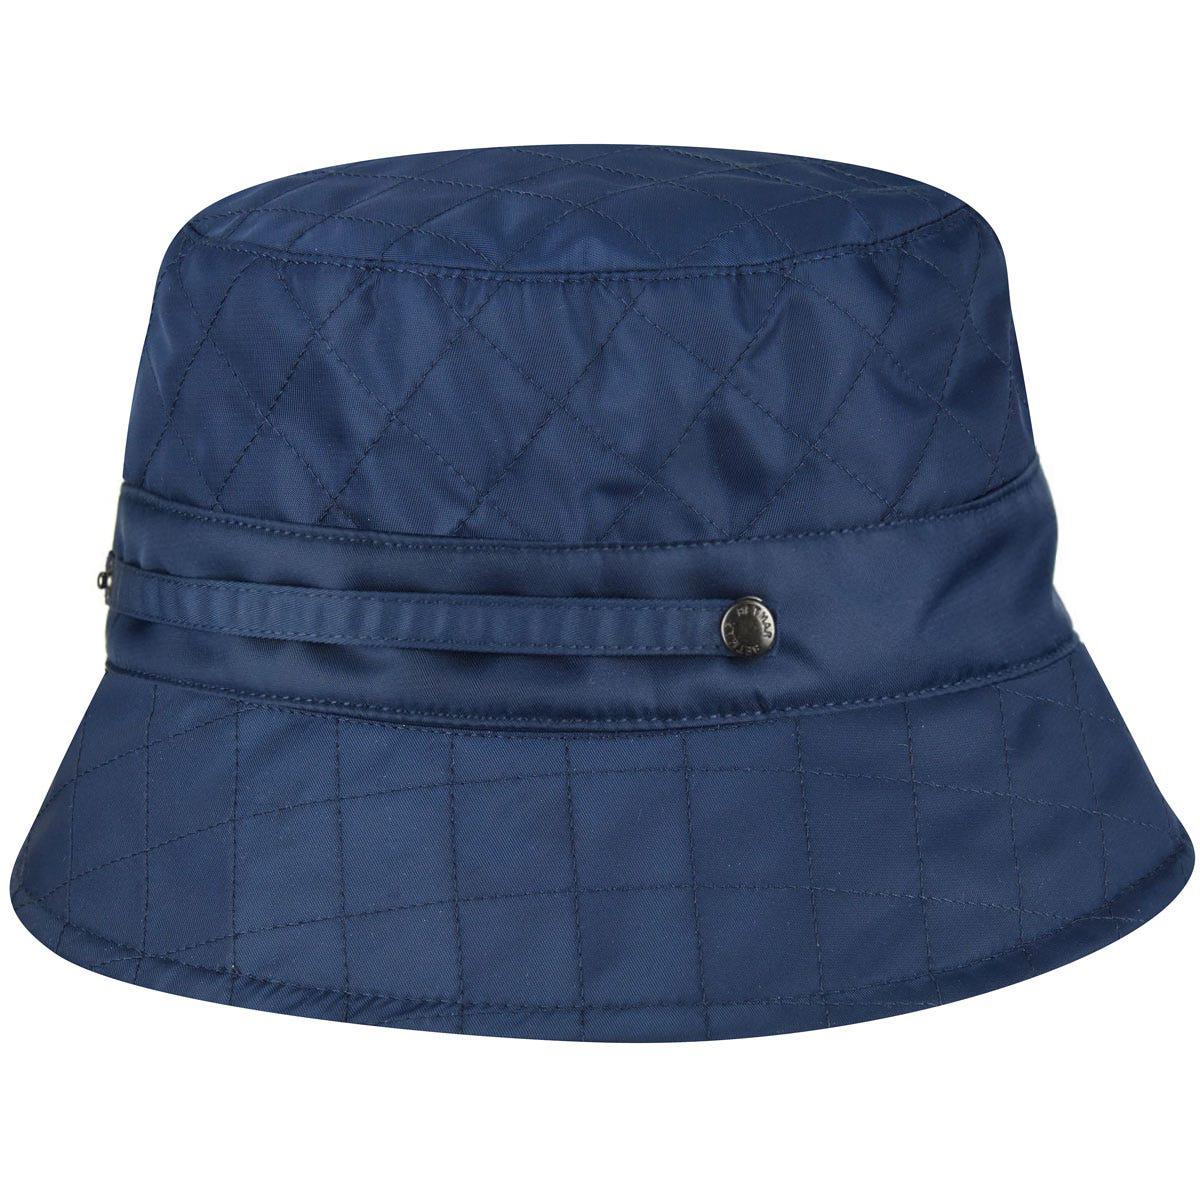 Betmar Quilted Bucket Hat in Navy